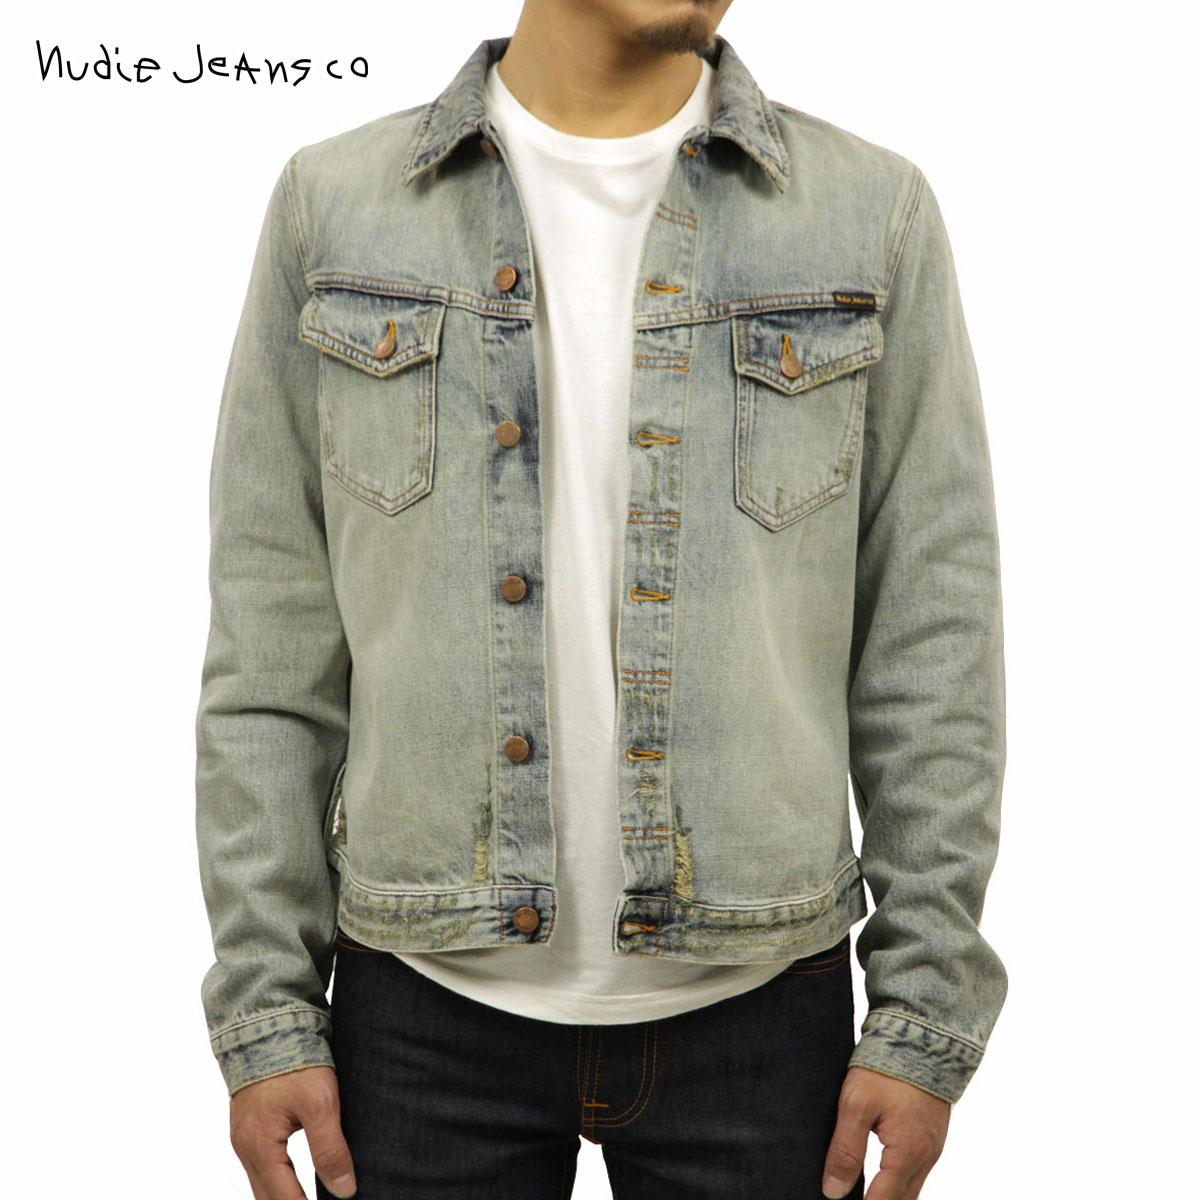 ヌーディージーンズ Nudie Jeans 正規販売店 メンズ アウター デニムジャケット KENNY SALVATORE REPLICA DENIM JACKET 160586 B26 DENIM